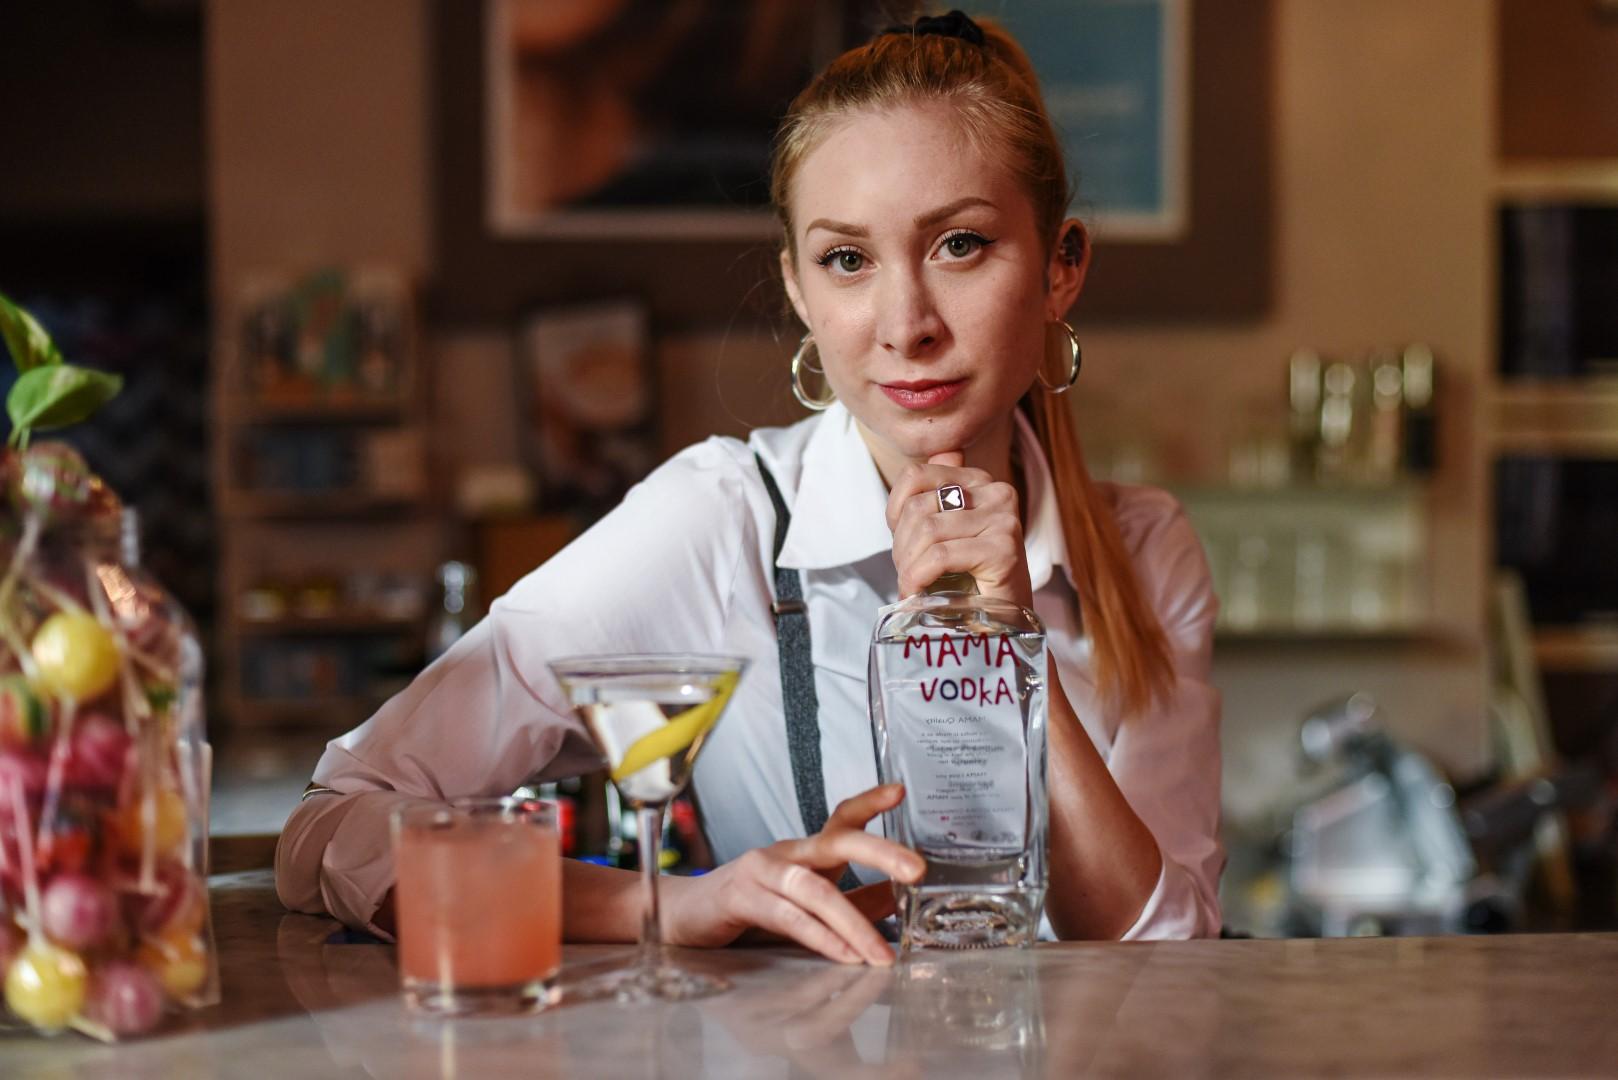 Mama Vodka Cinemino Milano